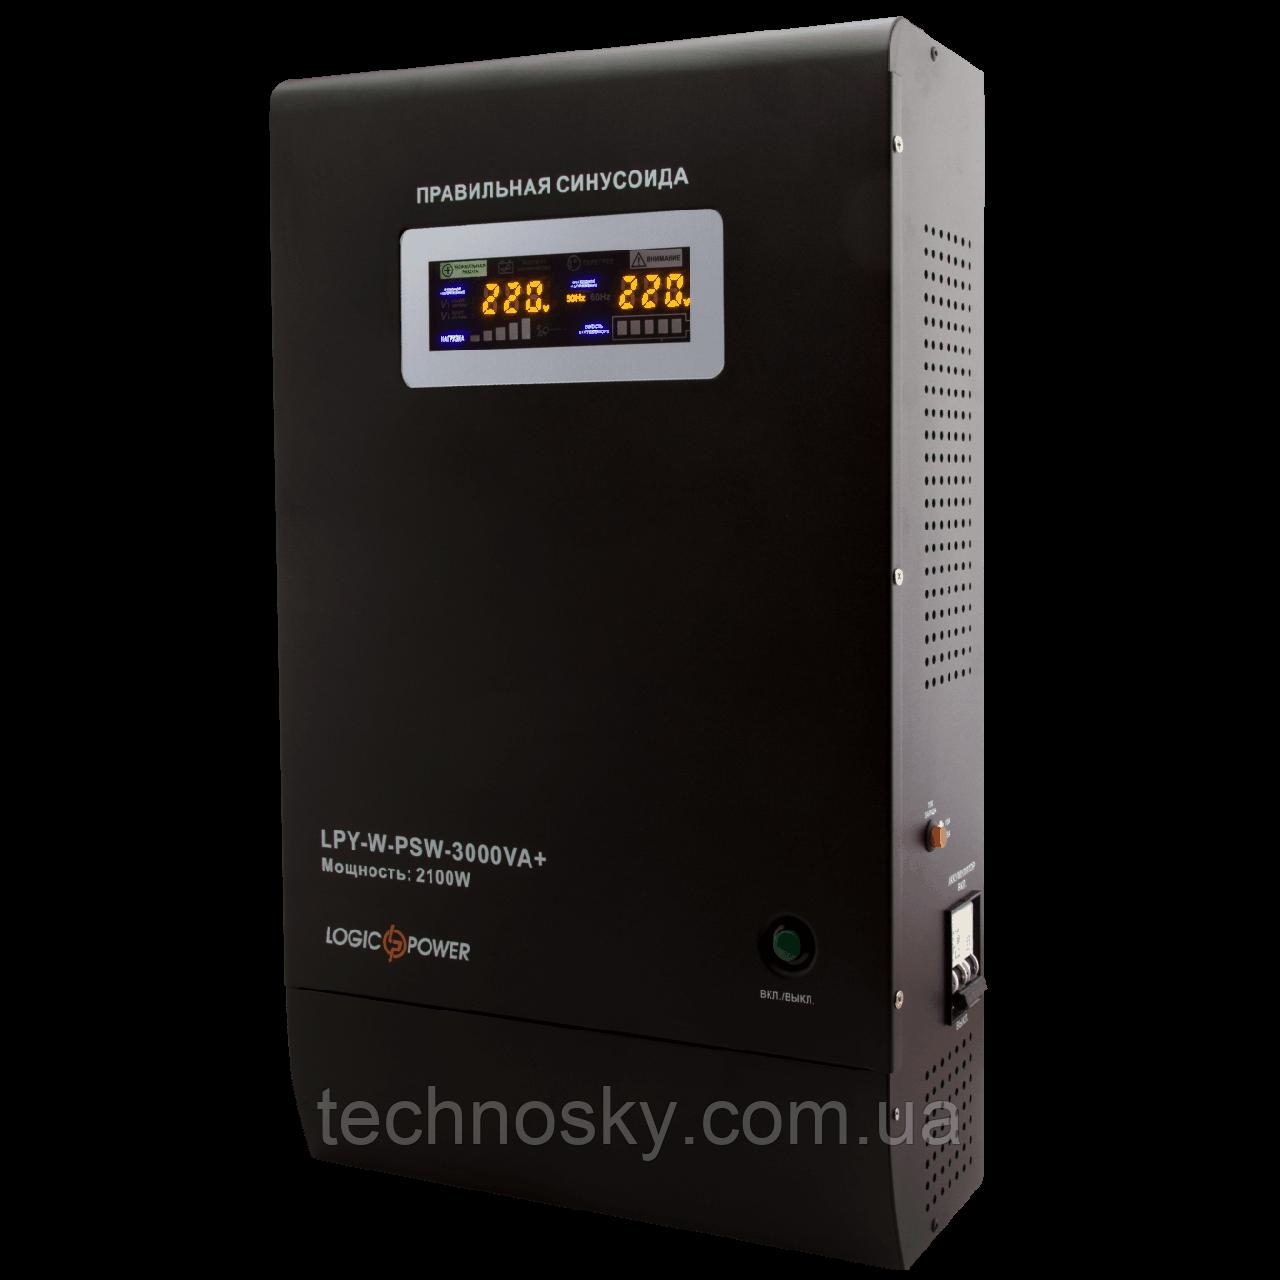 Источник бесперебойного питания LogicPower LPY-W-PSW-3000VA + (2100Вт, 48В)